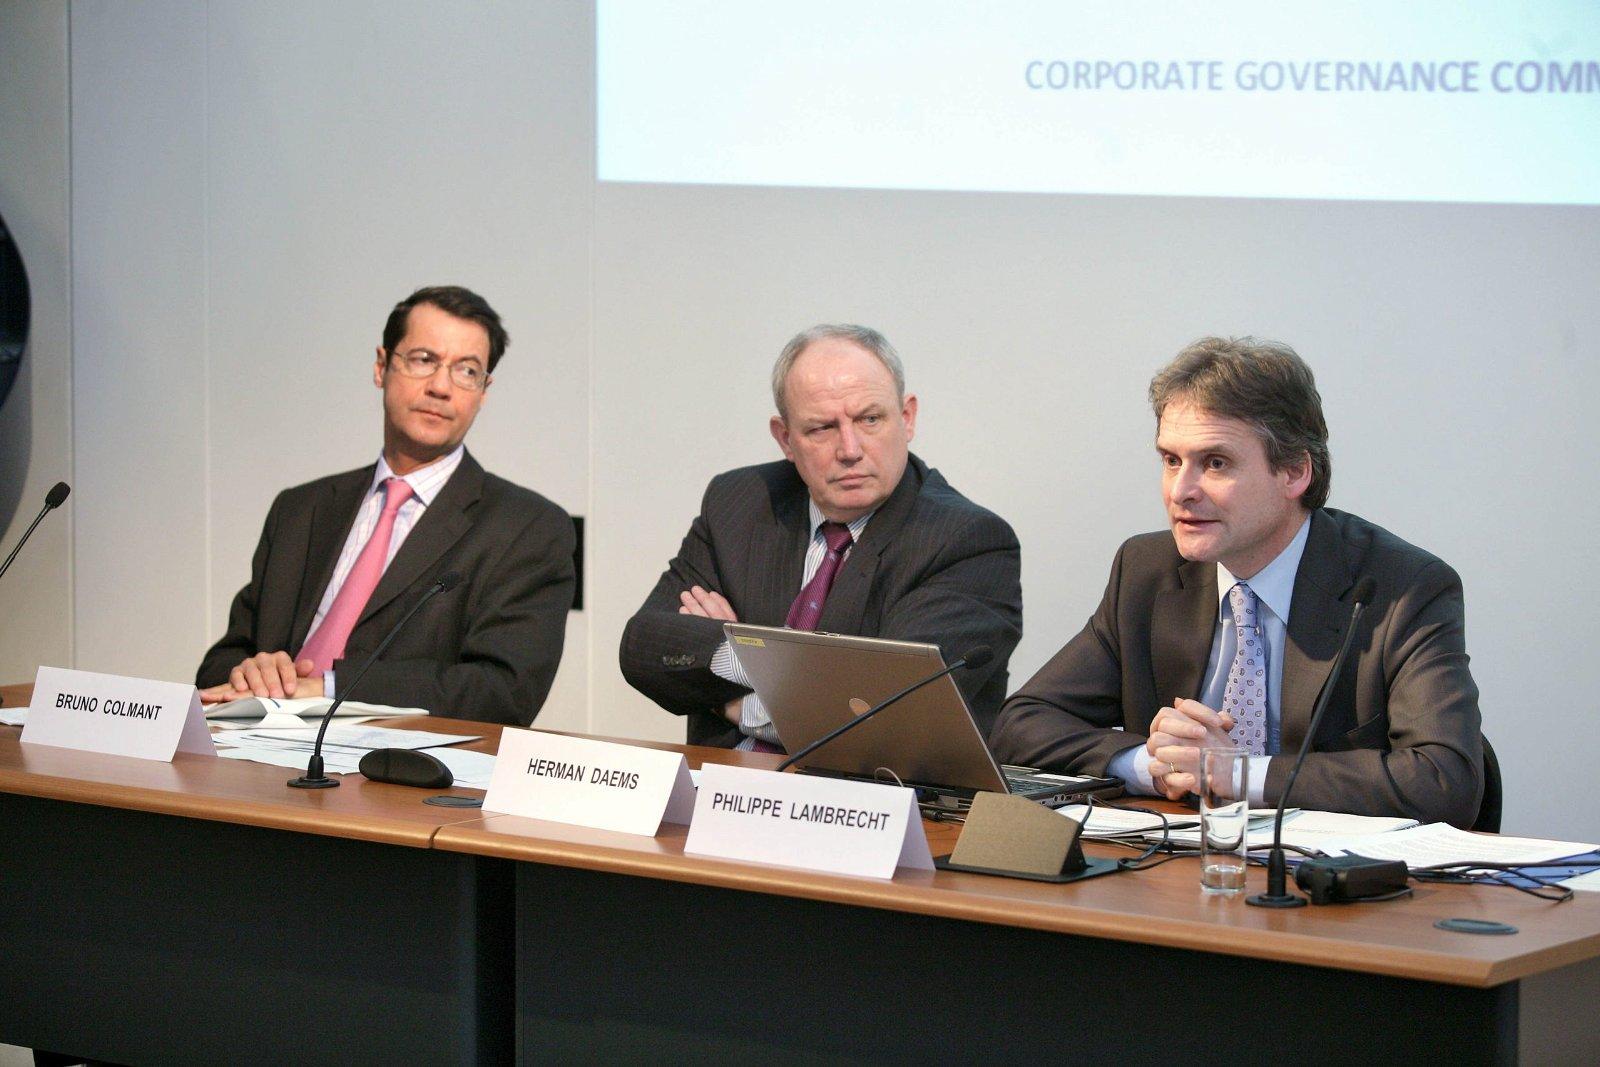 Philippe Lambrecht, bestuurder bij de Corporate Governance-commissie: 'Een moderne blik op de toekomst moet worden gegarandeerd.' - Etienne Ansotte/ISOPIX.